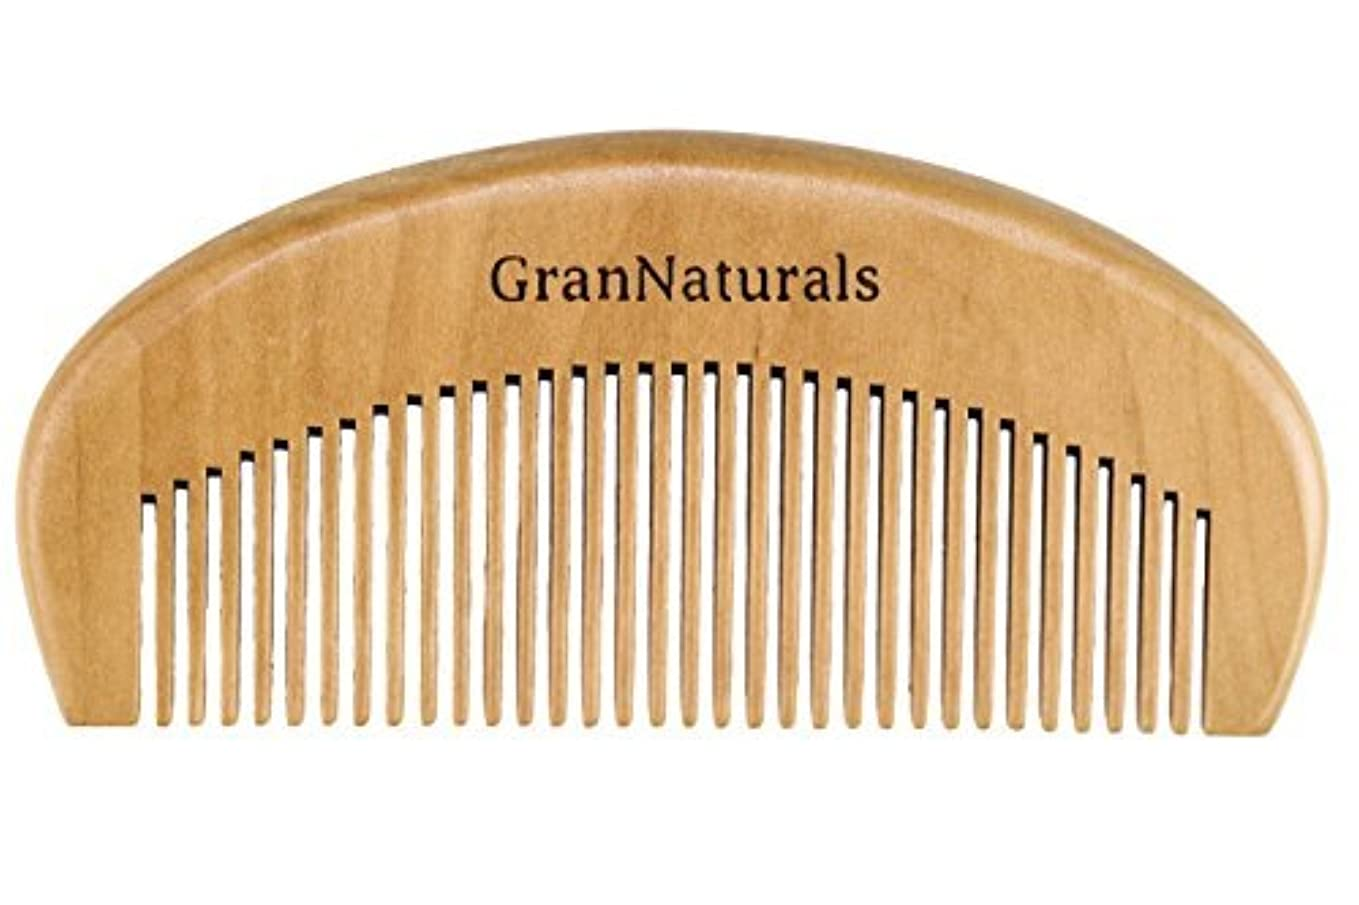 便益キャンバス眠りGranNaturals Wooden Comb Hair + Beard Detangler for Women and Men - Natural Anti Static Wood for Detangling and...